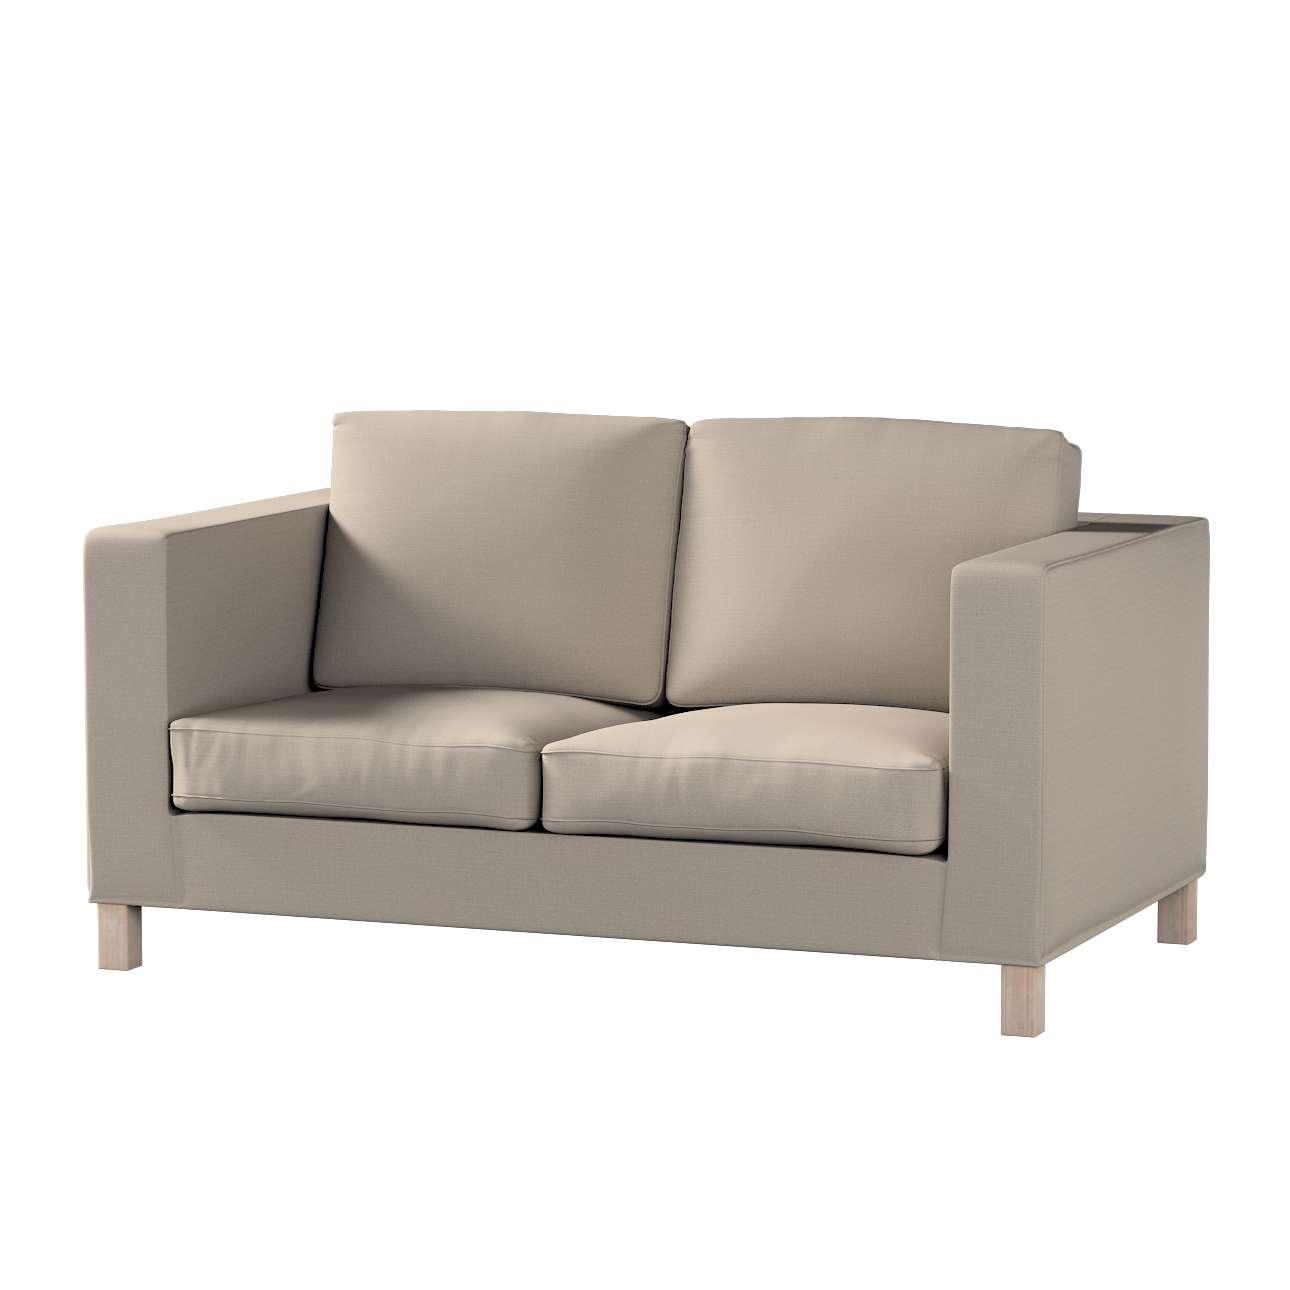 Potah na pohovku IKEA  Karlanda 2-místná, krátký v kolekci Living, látka: 161-53